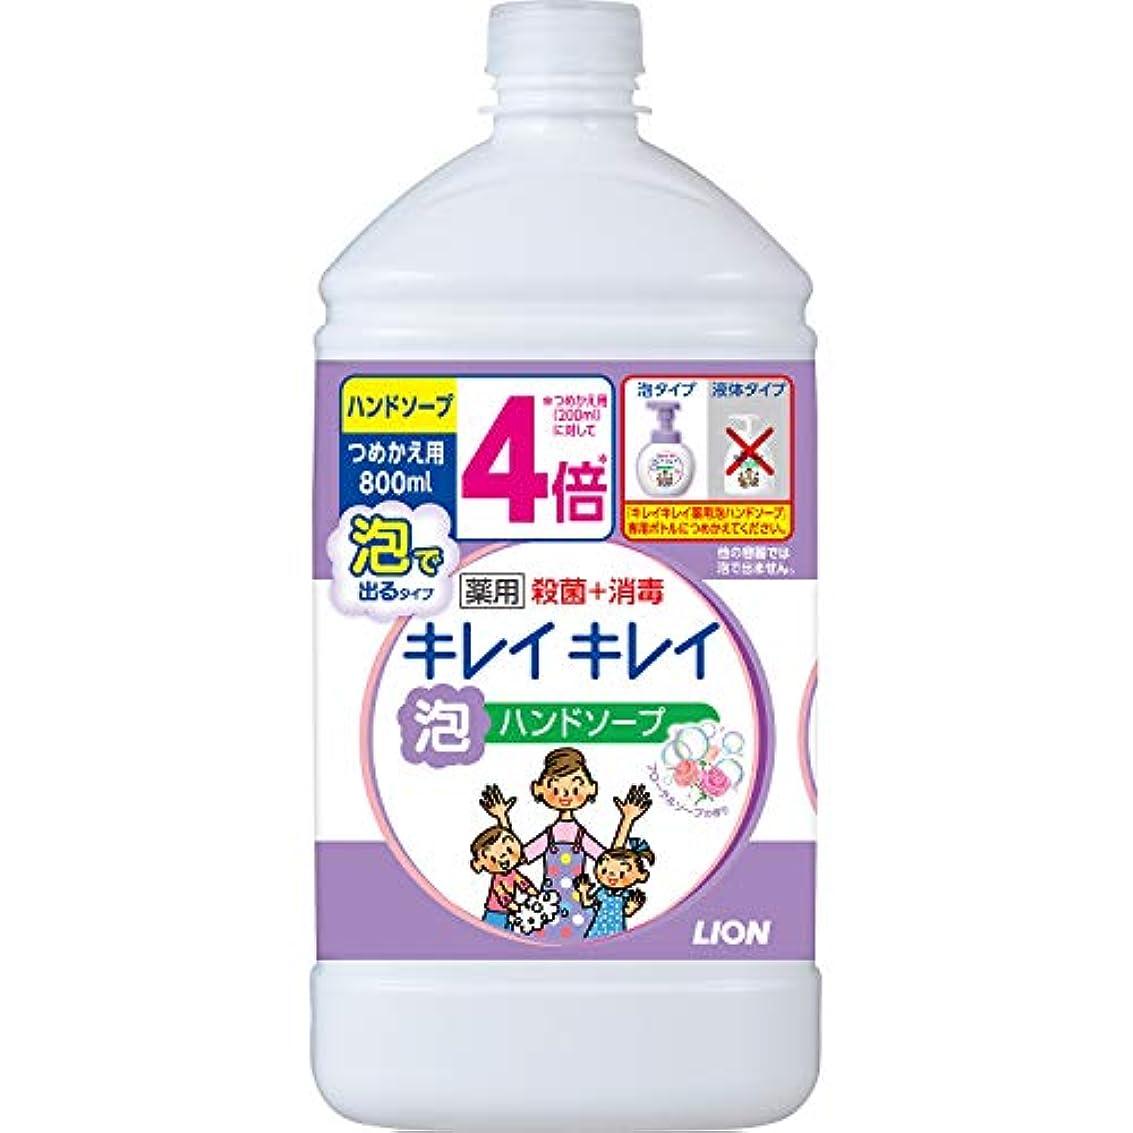 吸収第二に足首(医薬部外品)【大容量】キレイキレイ 薬用 泡ハンドソープ フローラルソープの香り 詰め替え 特大 800ml